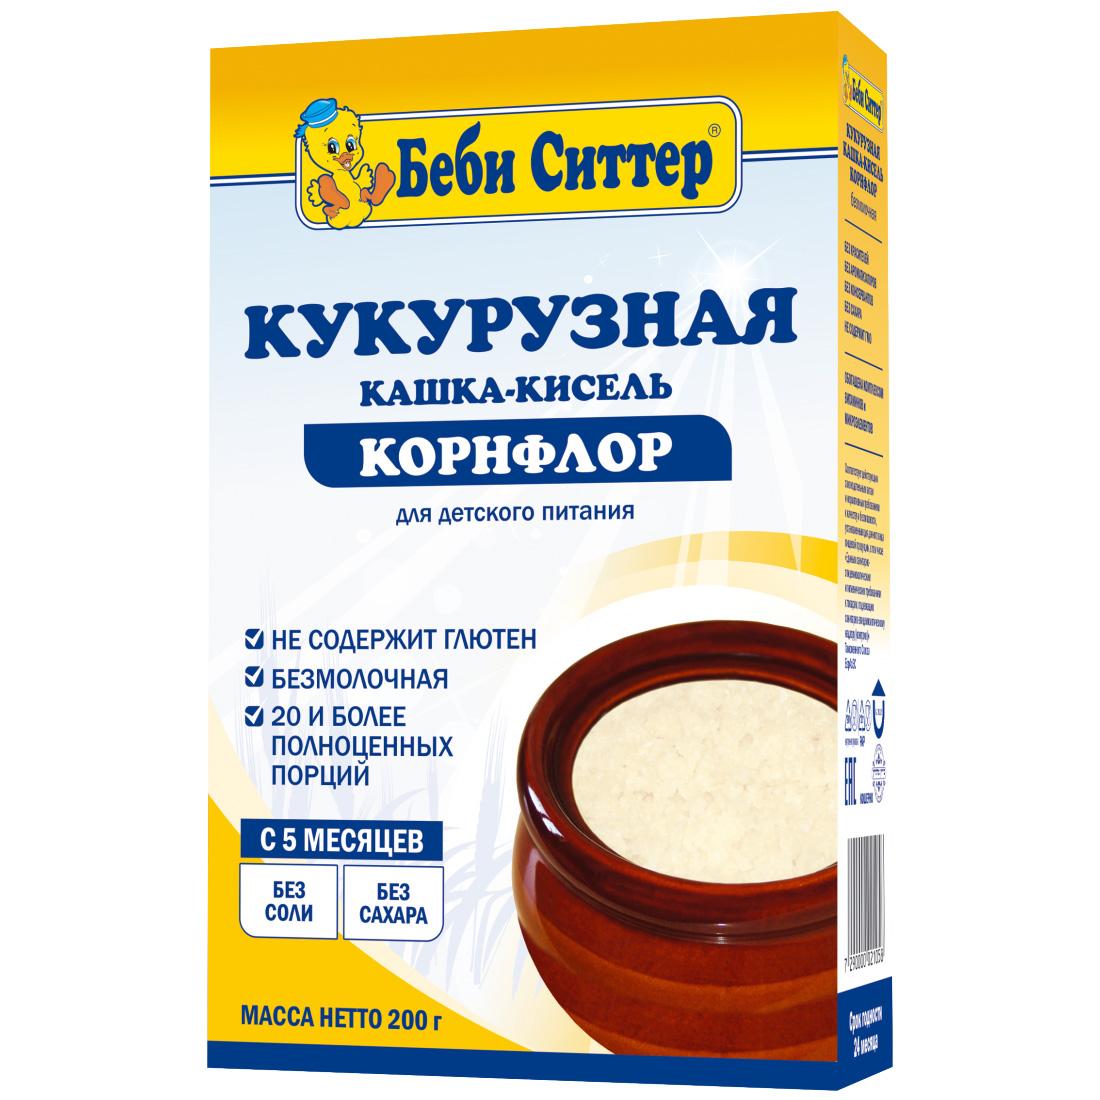 Каша Baby Sitter безмолочная 200 гр Кукурузная (с 5 мес)<br>